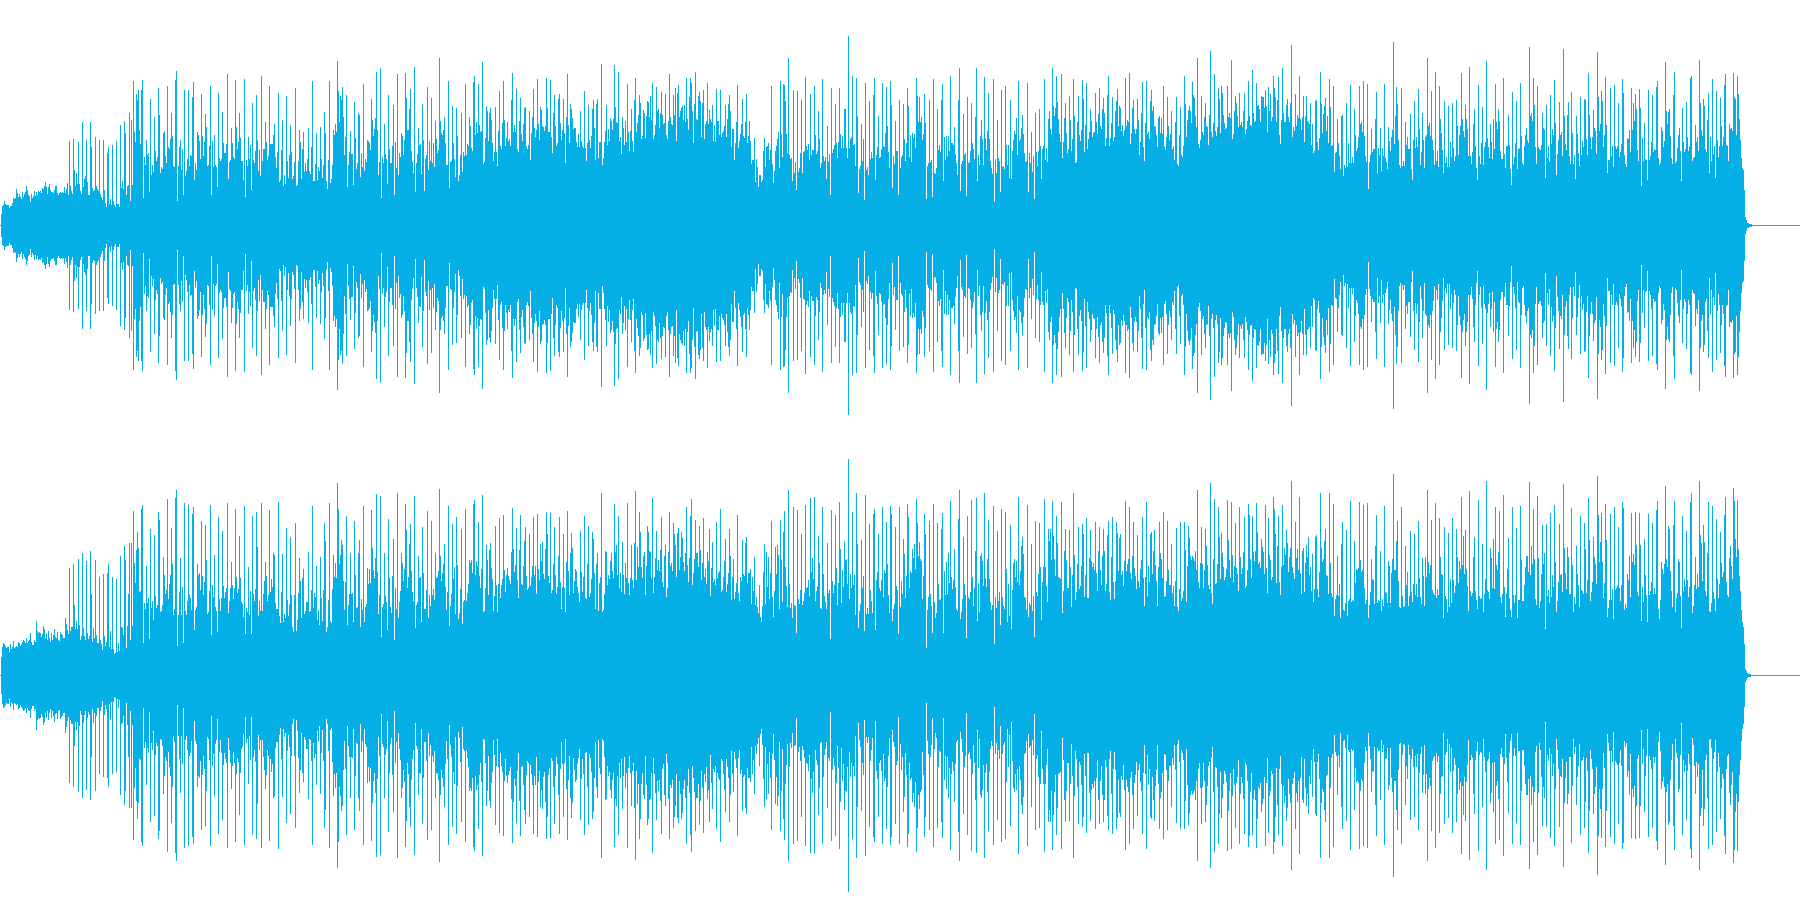 軽快なテンポで展開するファンクポップの再生済みの波形